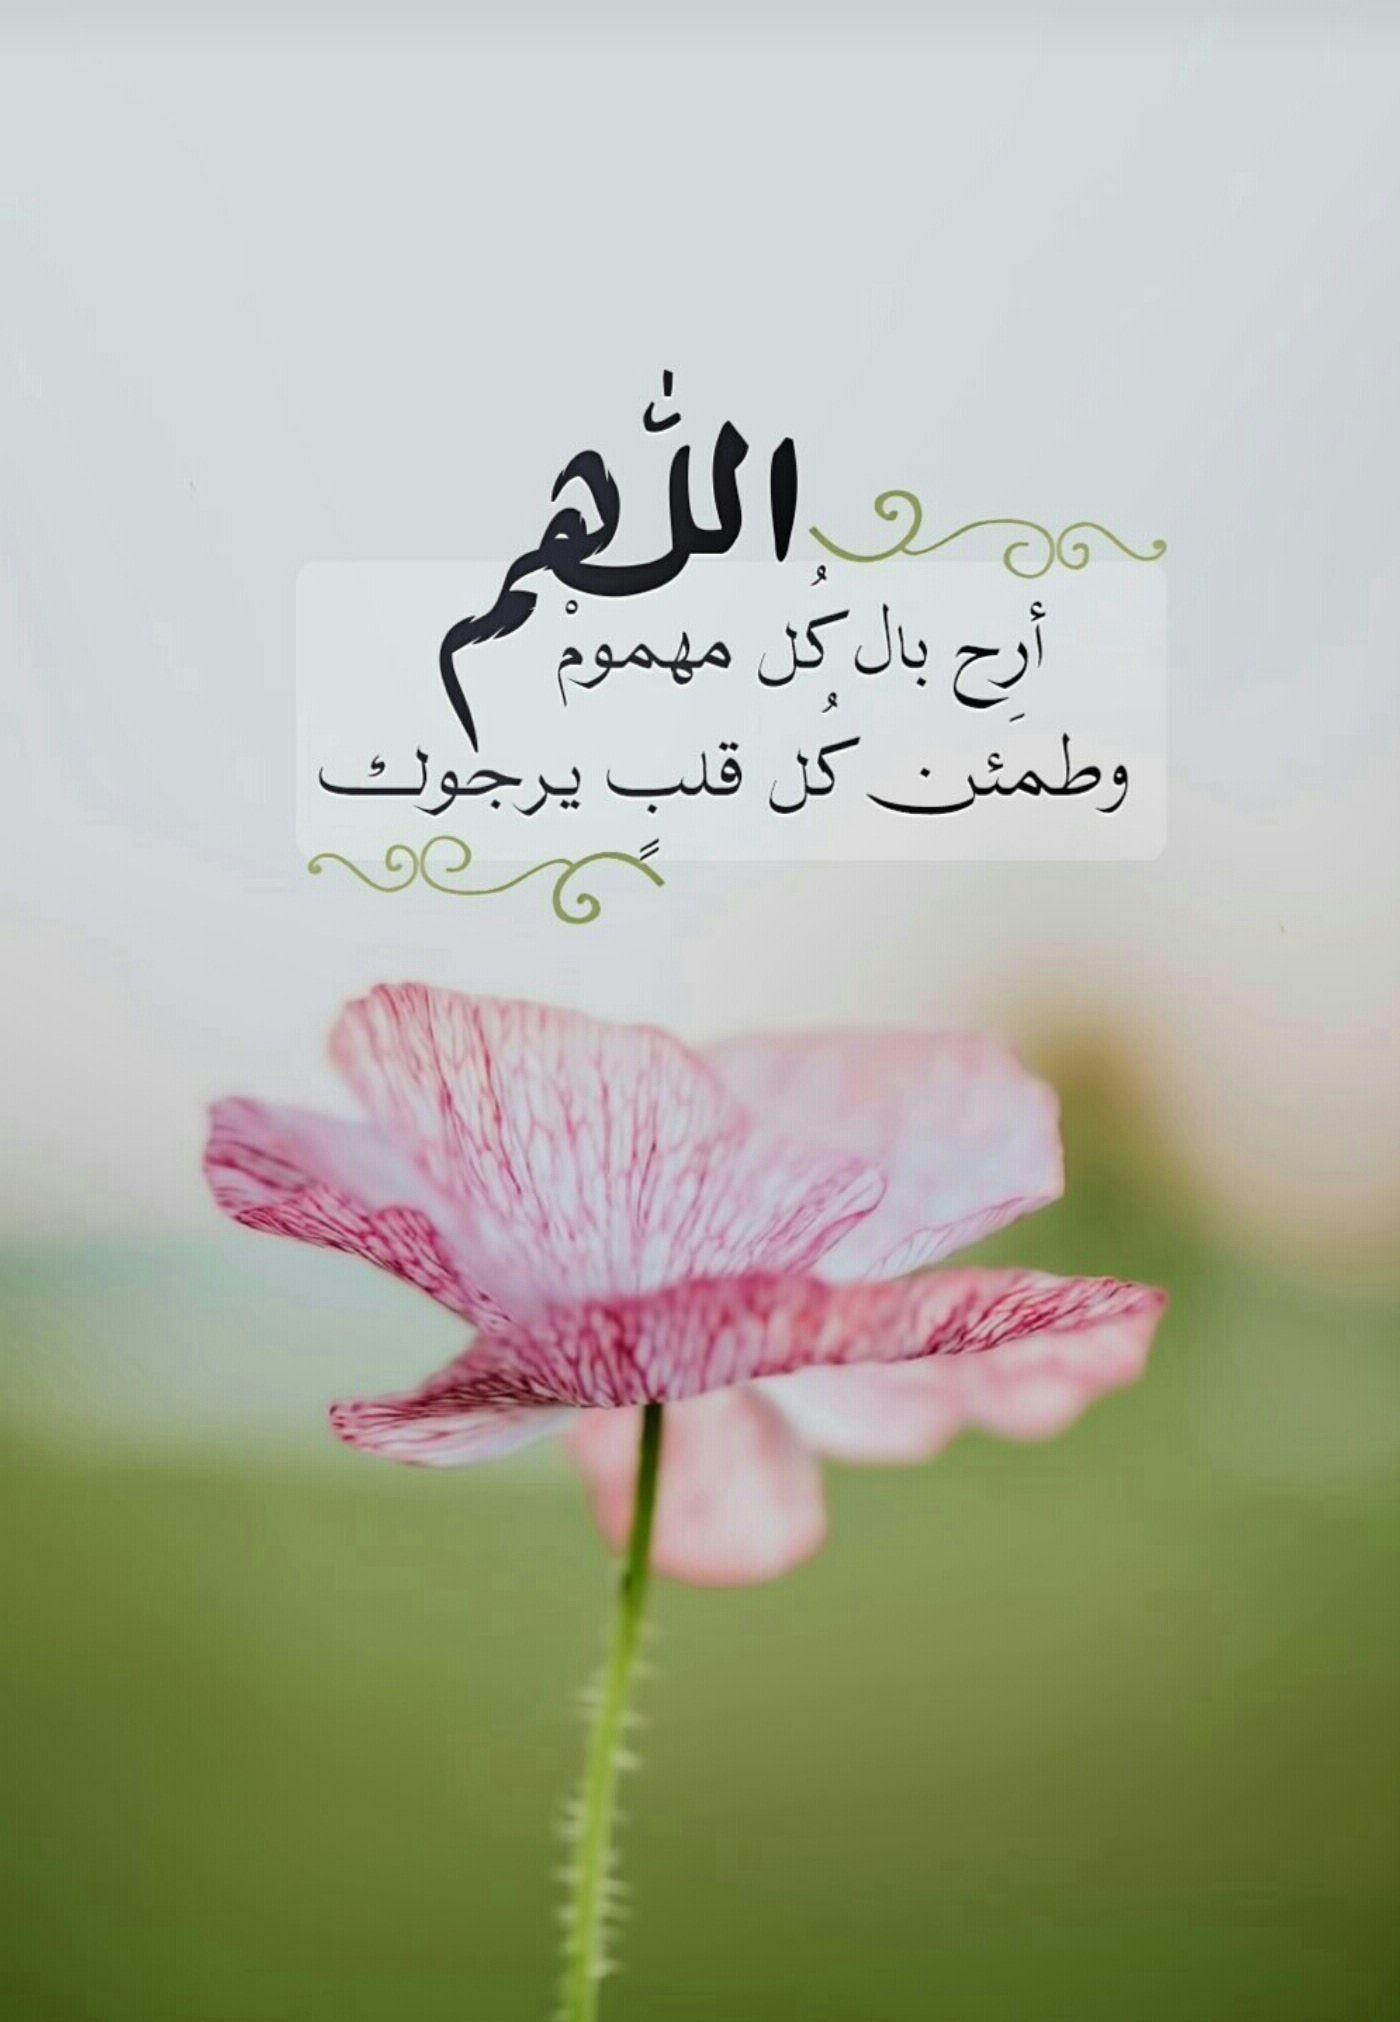 اذكار المسلم أذكر الله أين ما كنت Clip Art Borders Islamic Pictures Romantic Love Quotes